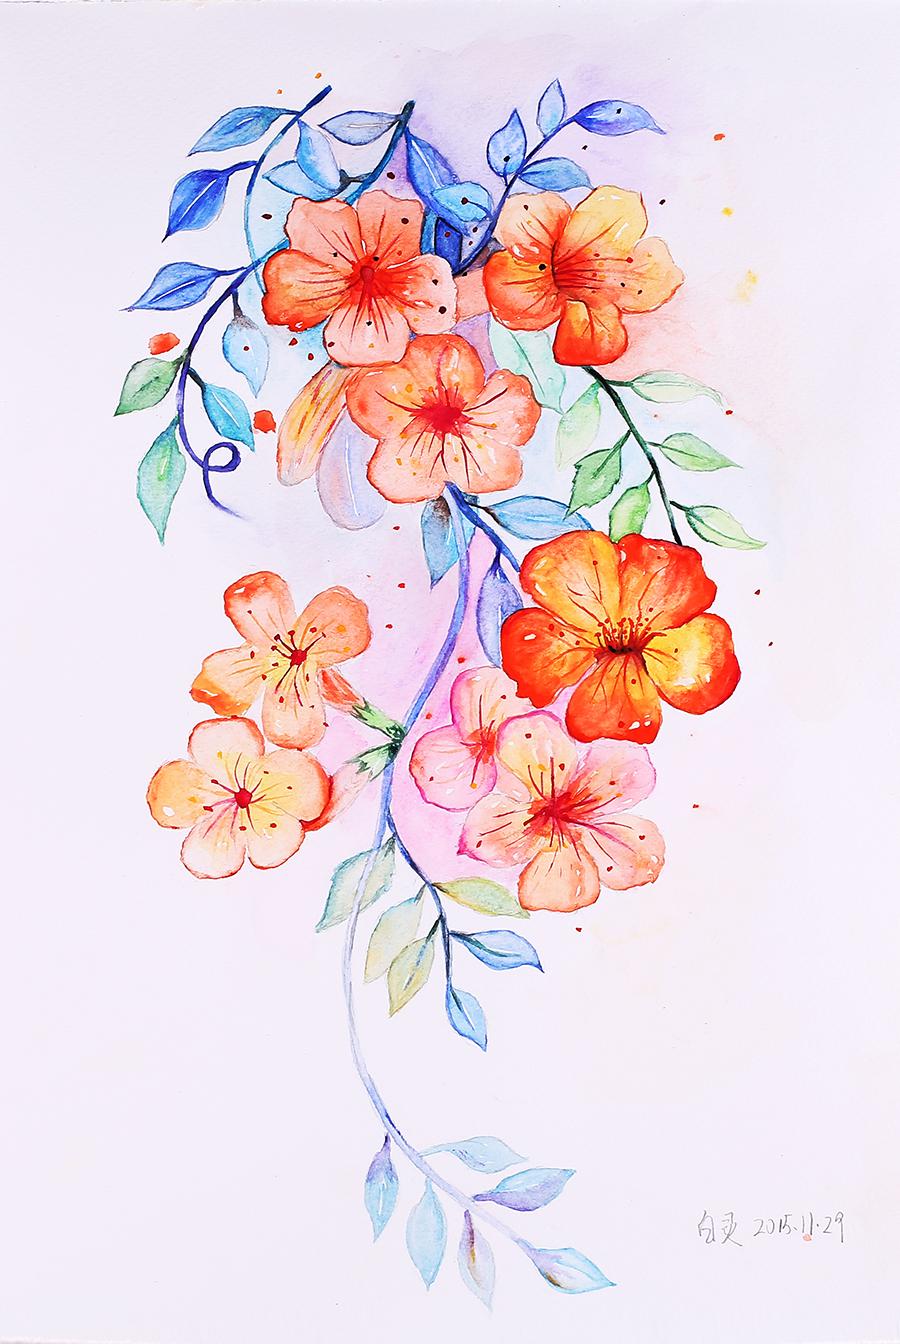 手绘插画花朵|水彩|纯艺术|素864236097